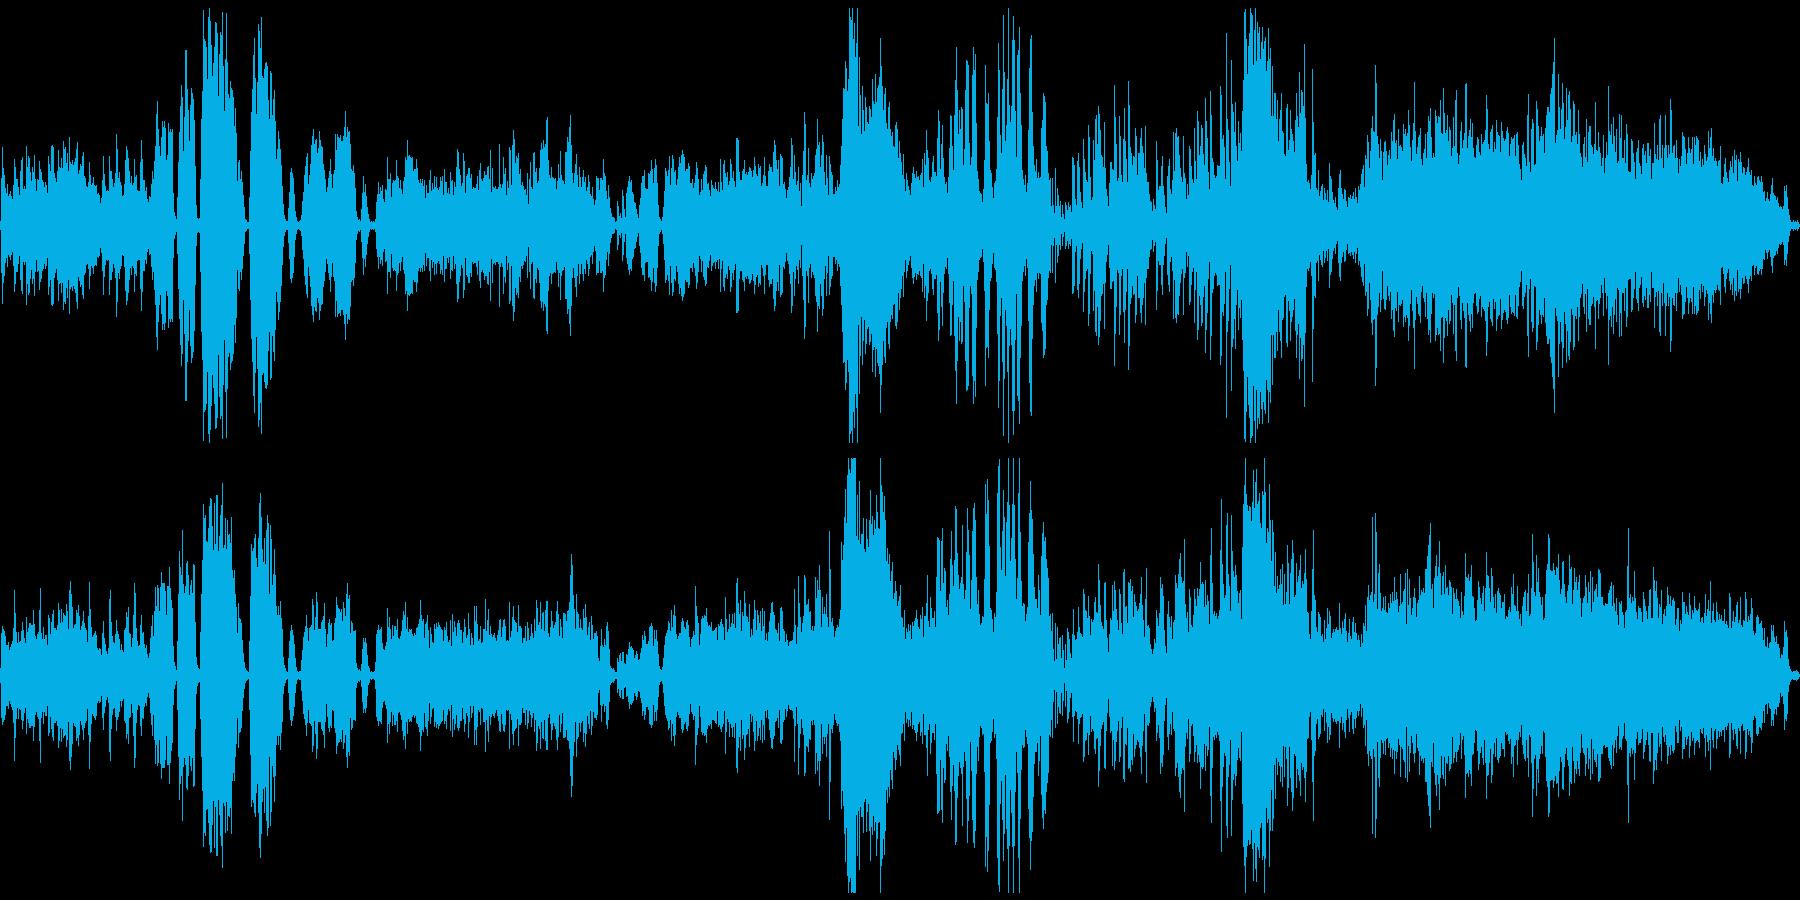 ベートーヴェン_ピアノ協奏曲第5番_皇帝の再生済みの波形